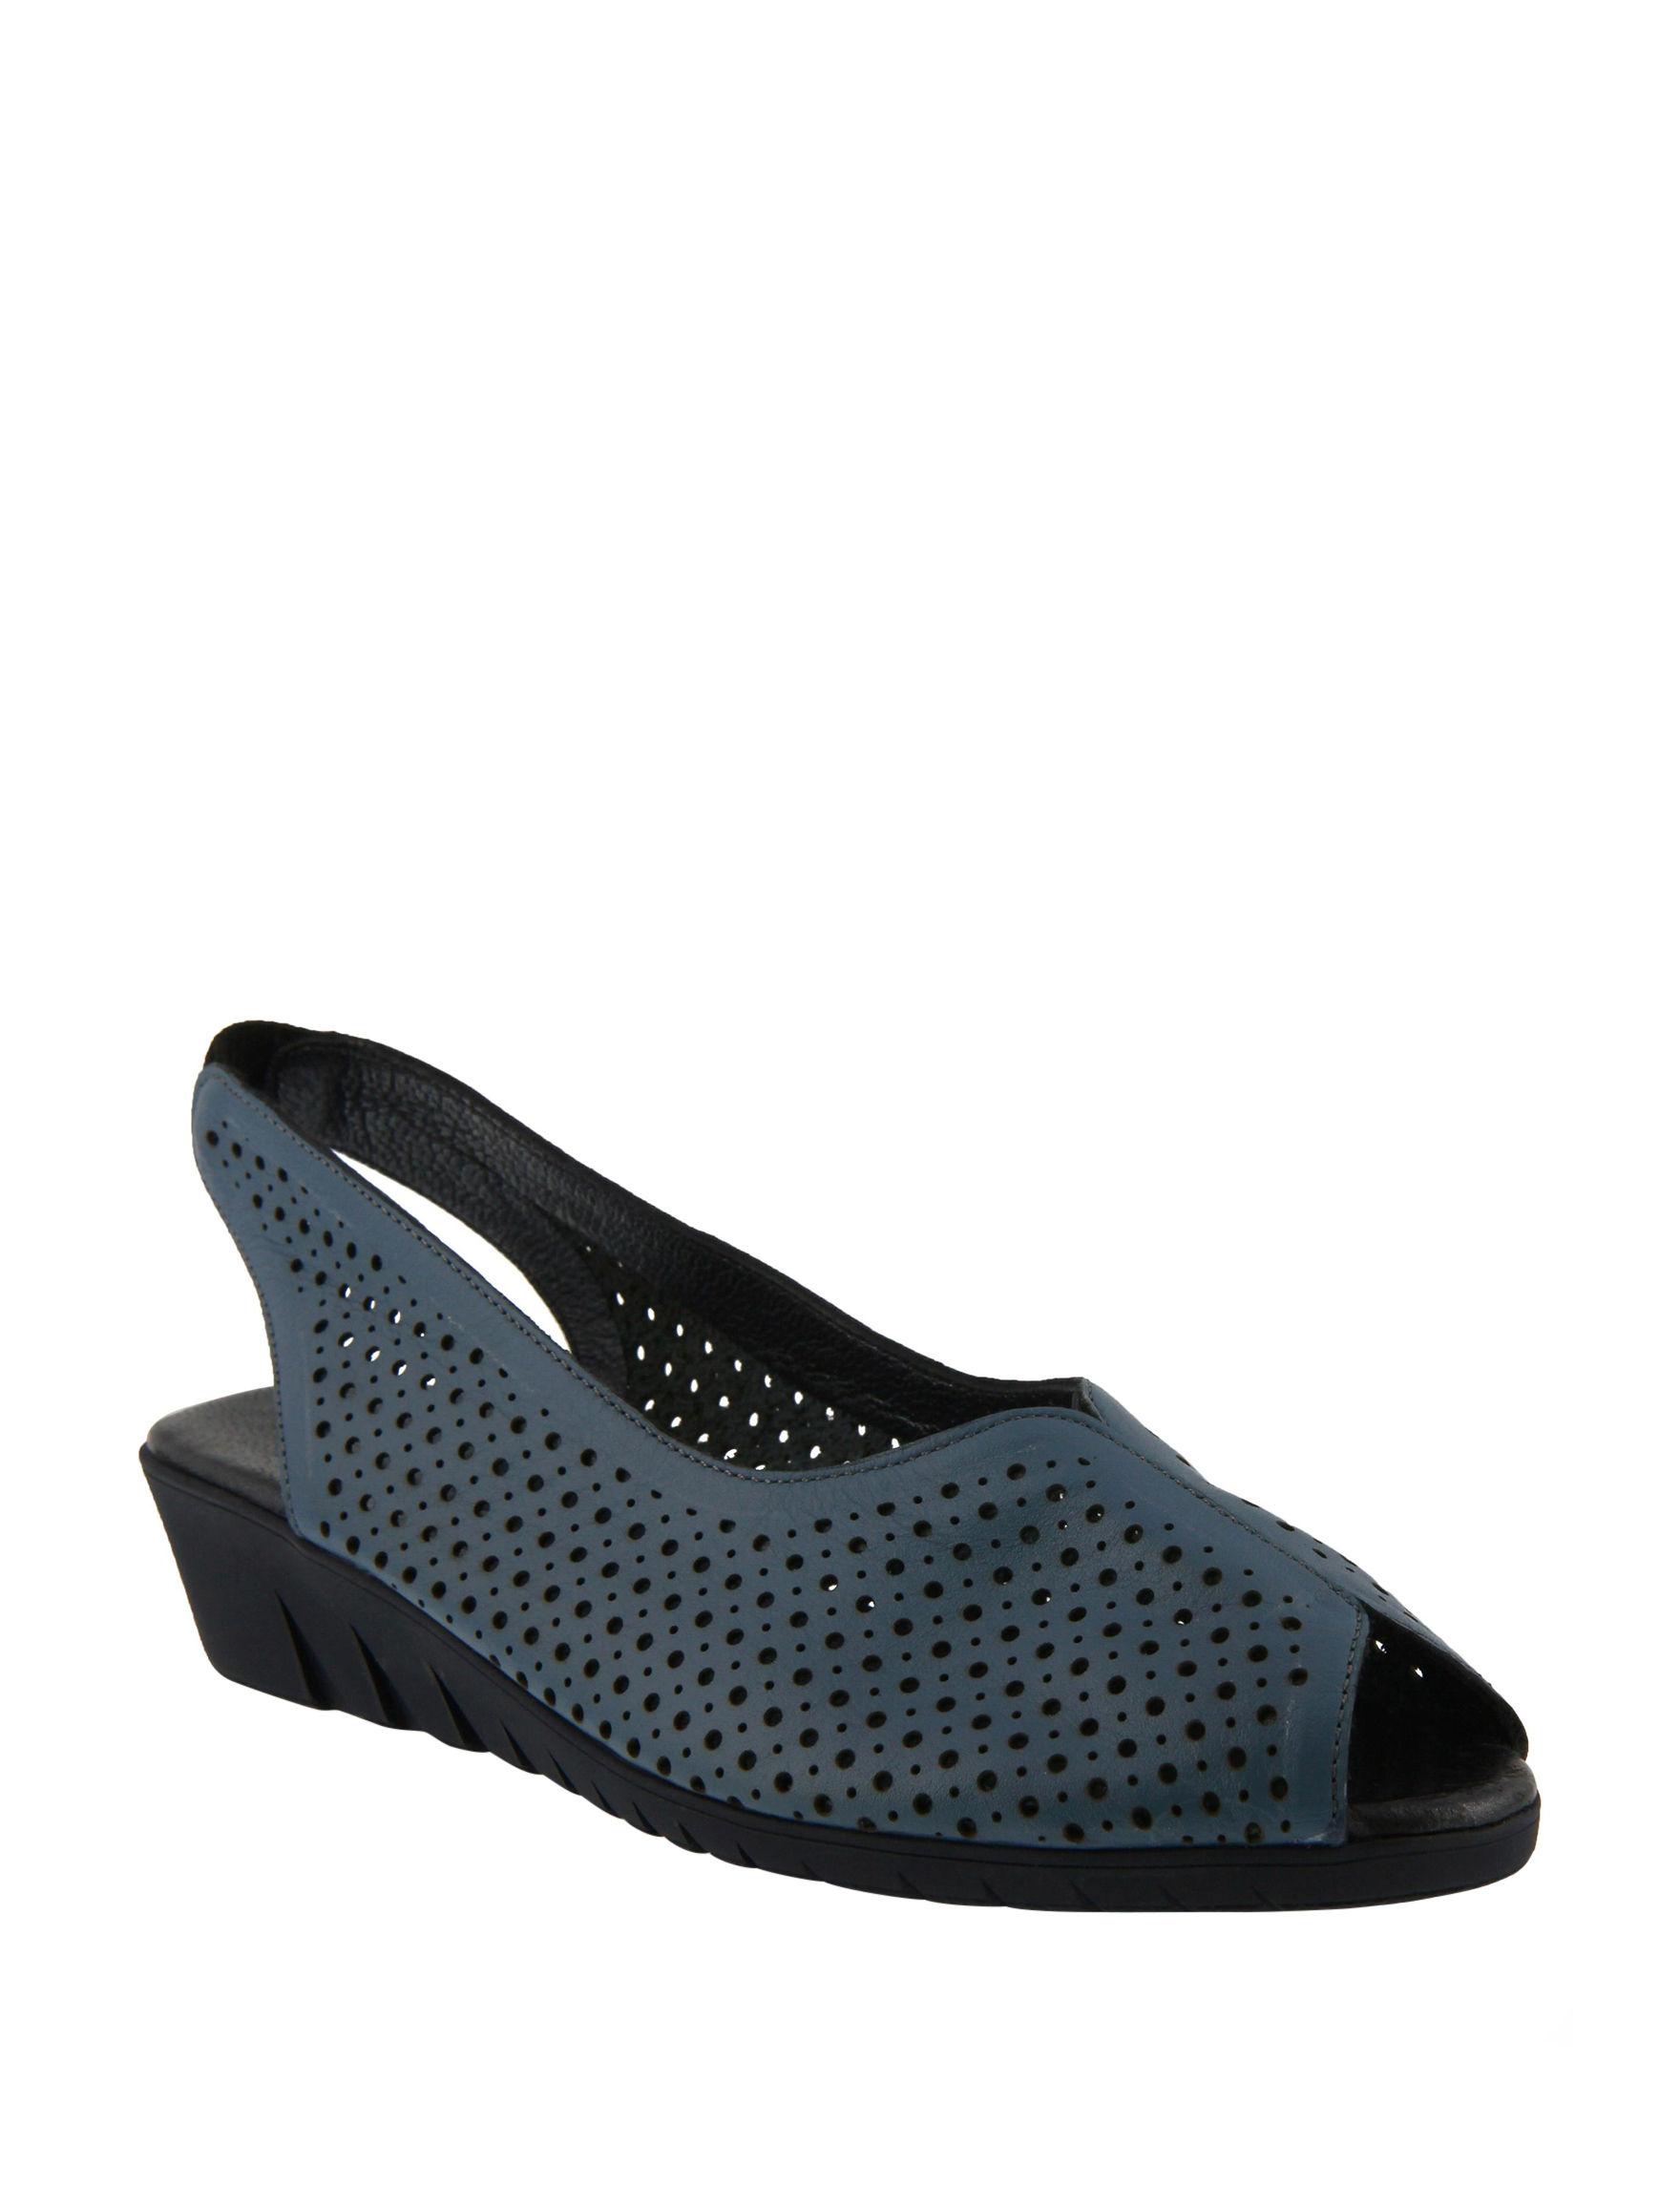 Spring Step Blue Peep Toe Wedge Sandals